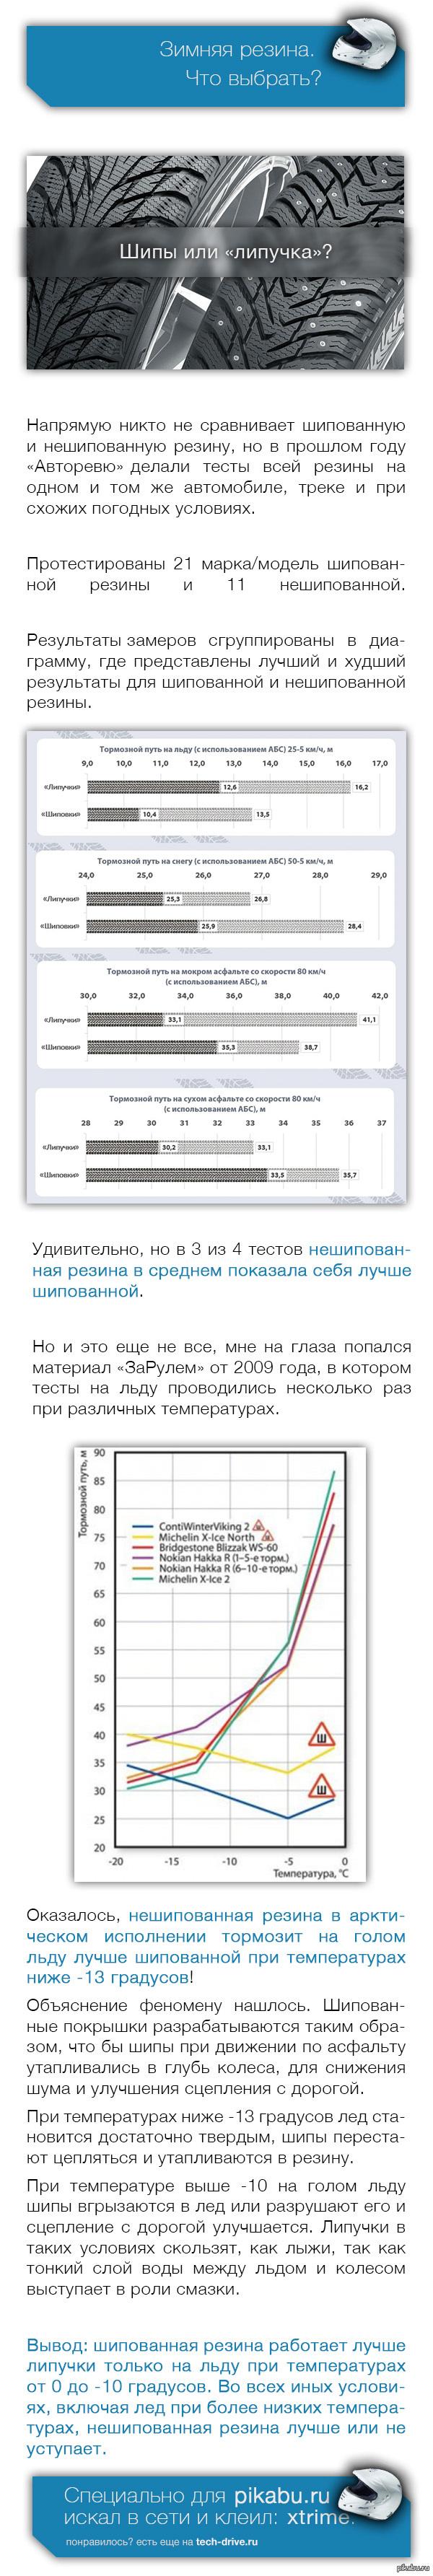 """Какая зимняя резина лучше: шипованная или нешипованная? """"Зима близко"""" (с). Для тех, кто выбирает - обзор, который перевернет ваш взгляд на резину. Полная статья: http://www.tech-drive.ru/?p=864"""